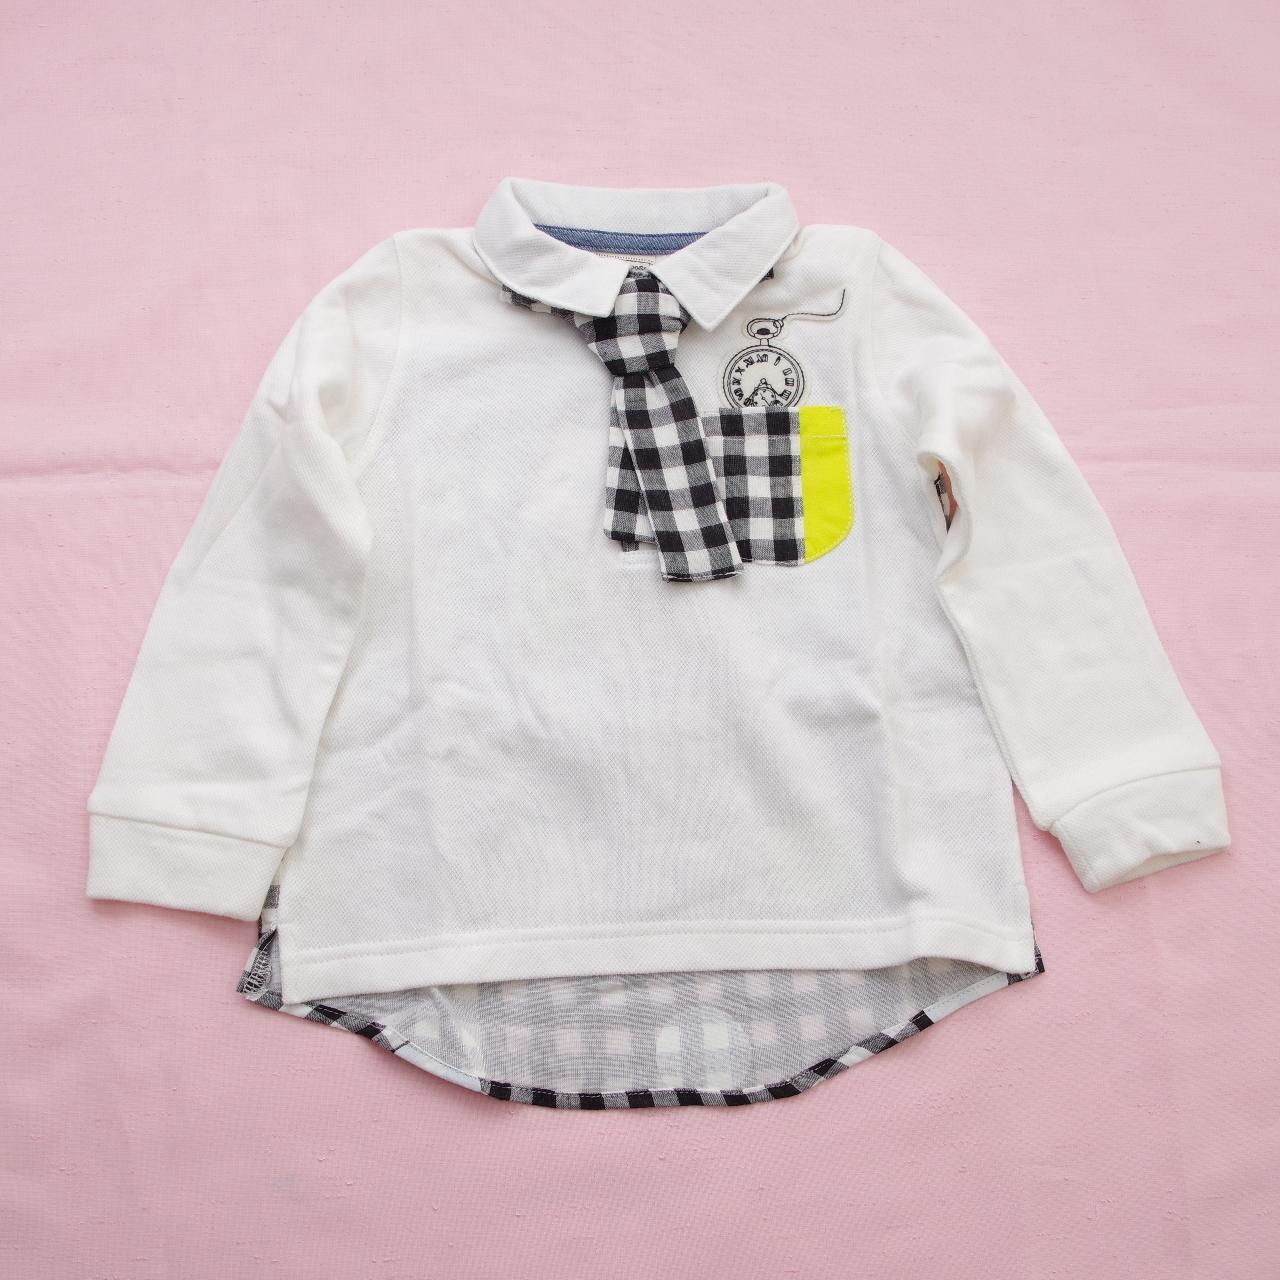 マザーグースMOTHER GOOSE  ネクタイ付Tシャツ 90cm-120cm (11149-170)